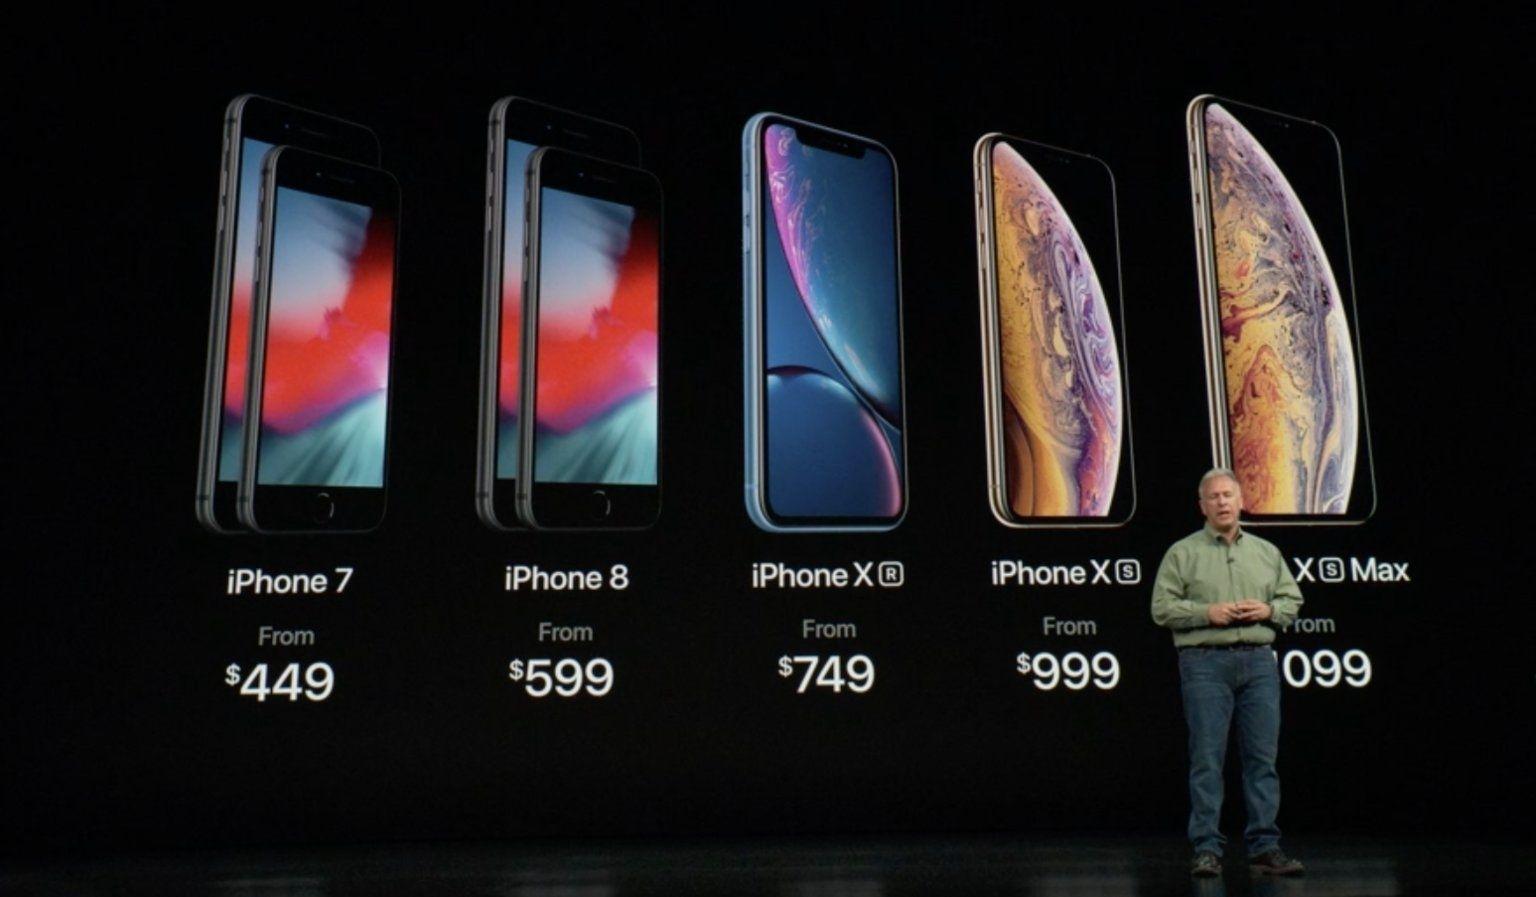 Өнөөдрөөс эхлэн Apple-ийн үйлдвэрлэх хамгийн хямд iPhone-ий загвар нь iPhone 7 боллоо